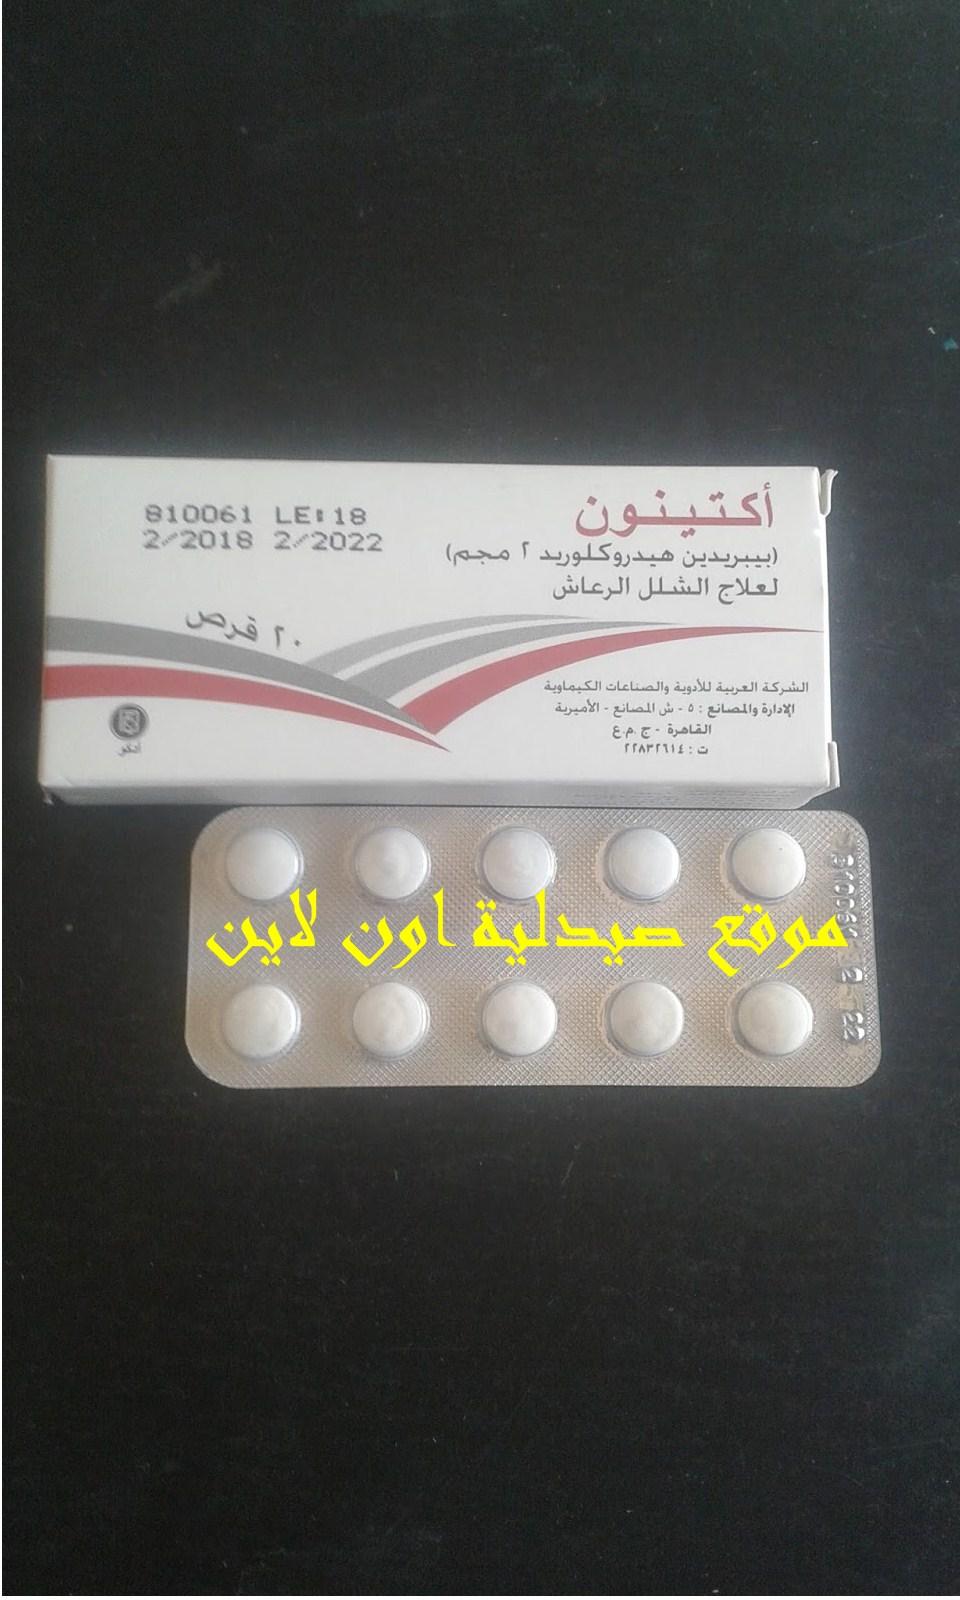 أكتينون أقراص لعلاج شلل الرعاش achtenon